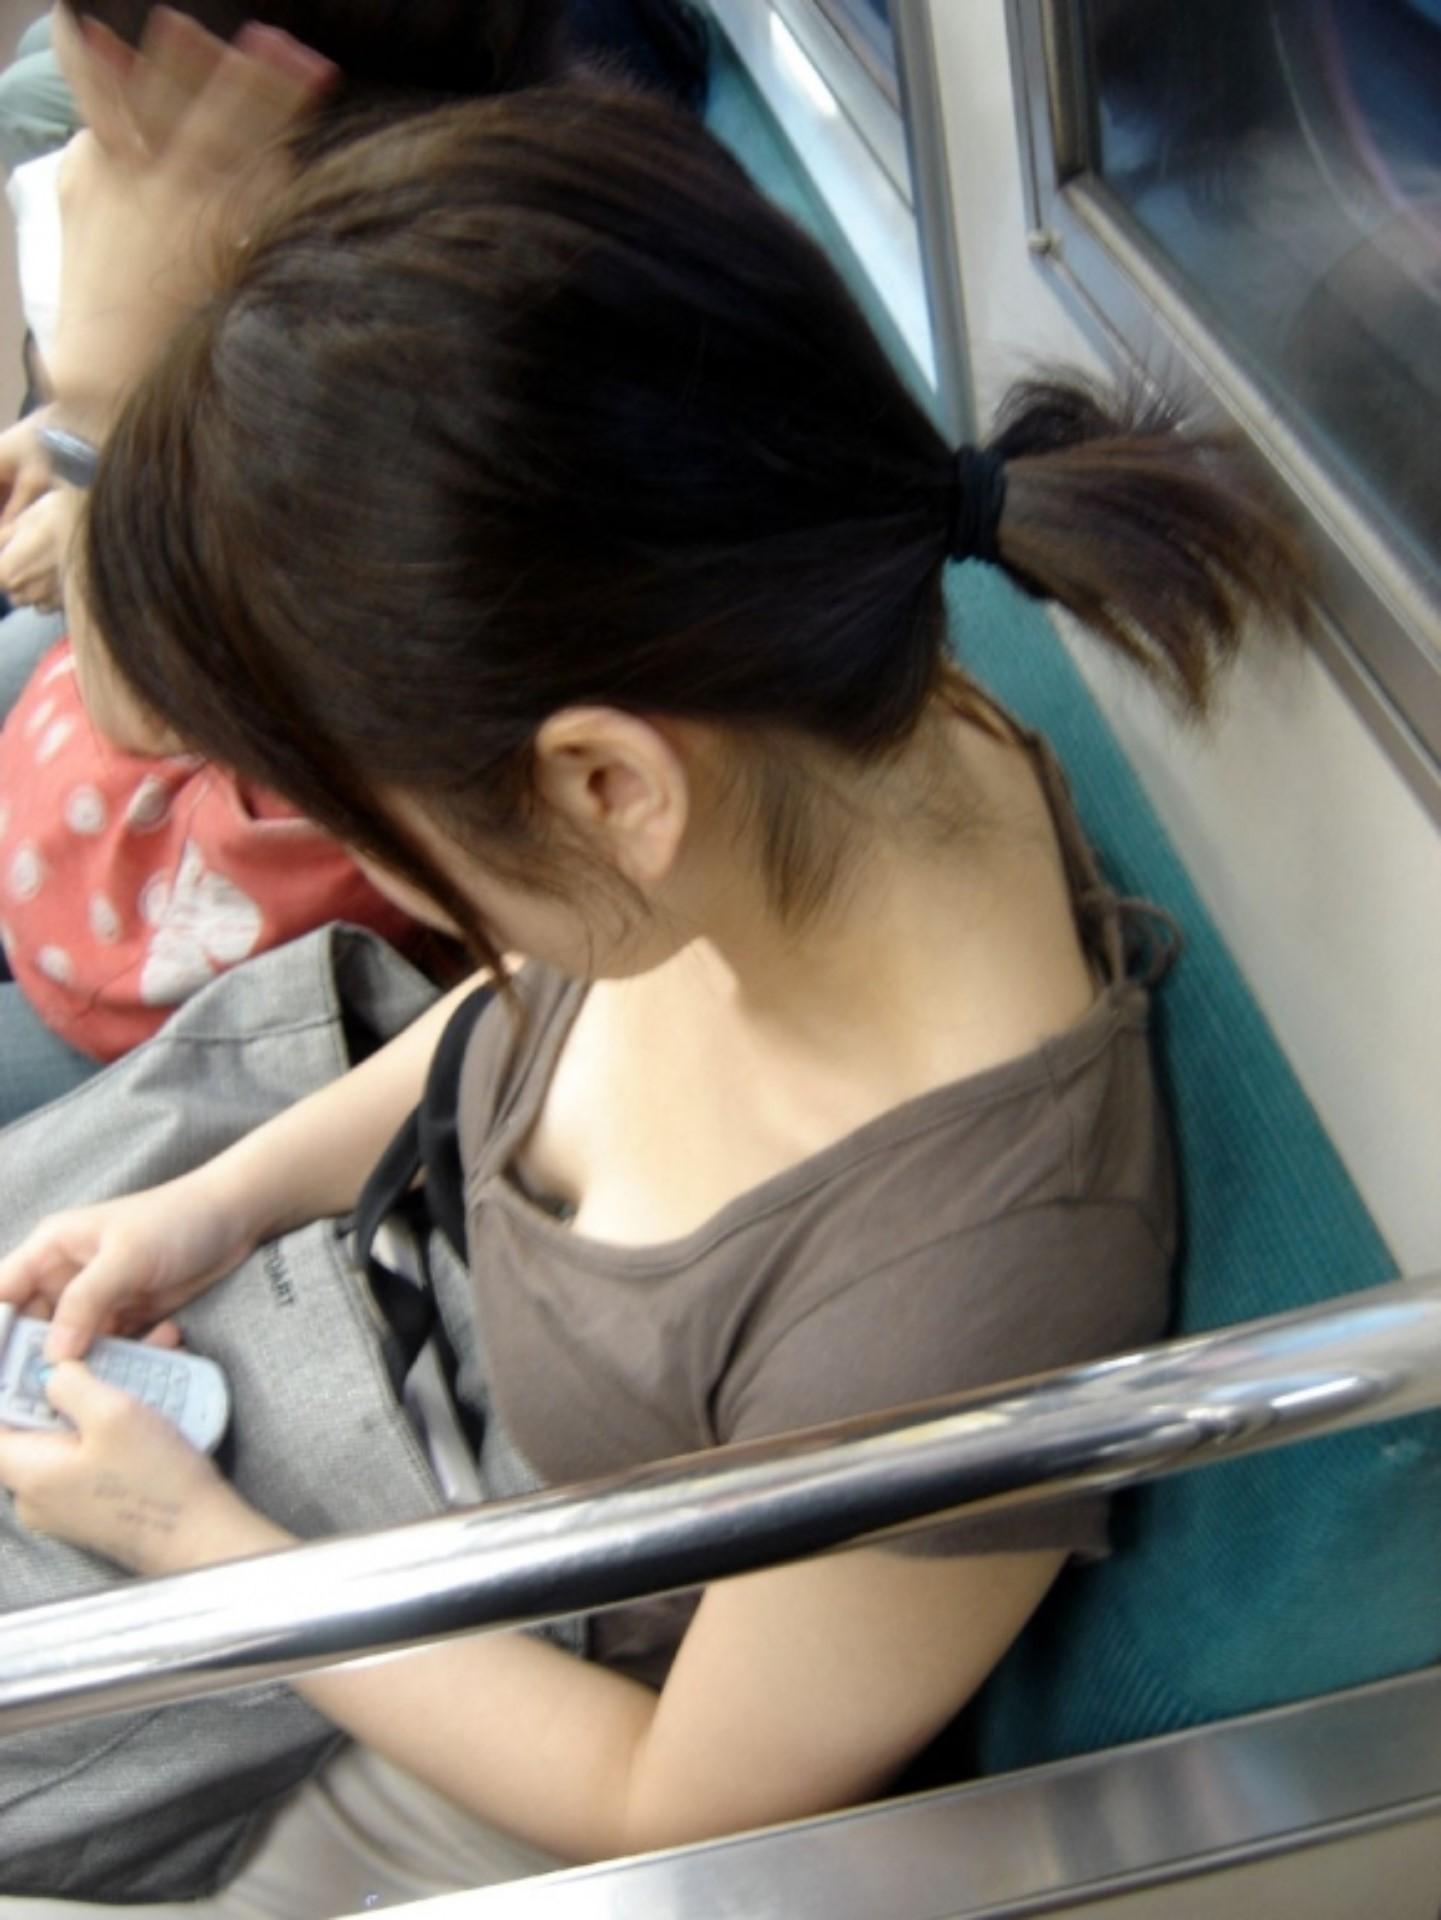 【おっぱい】電車で座れたと思って気を抜いた女の子は胸元がガラ空きという噂www【30枚】 06